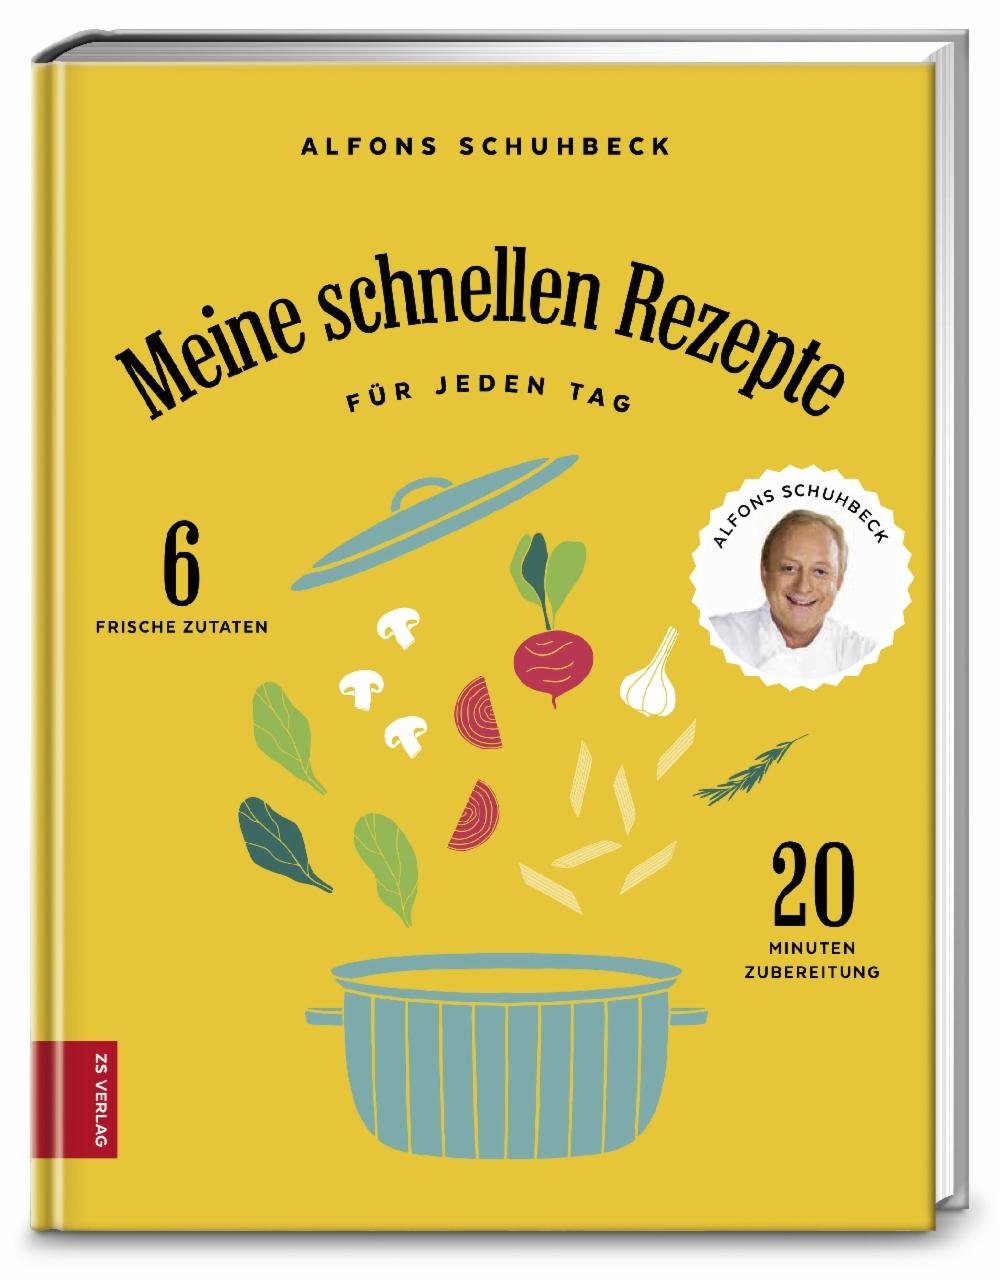 Meine schnellen Rezepte für jeden Tag - Alfons Schuhbeck